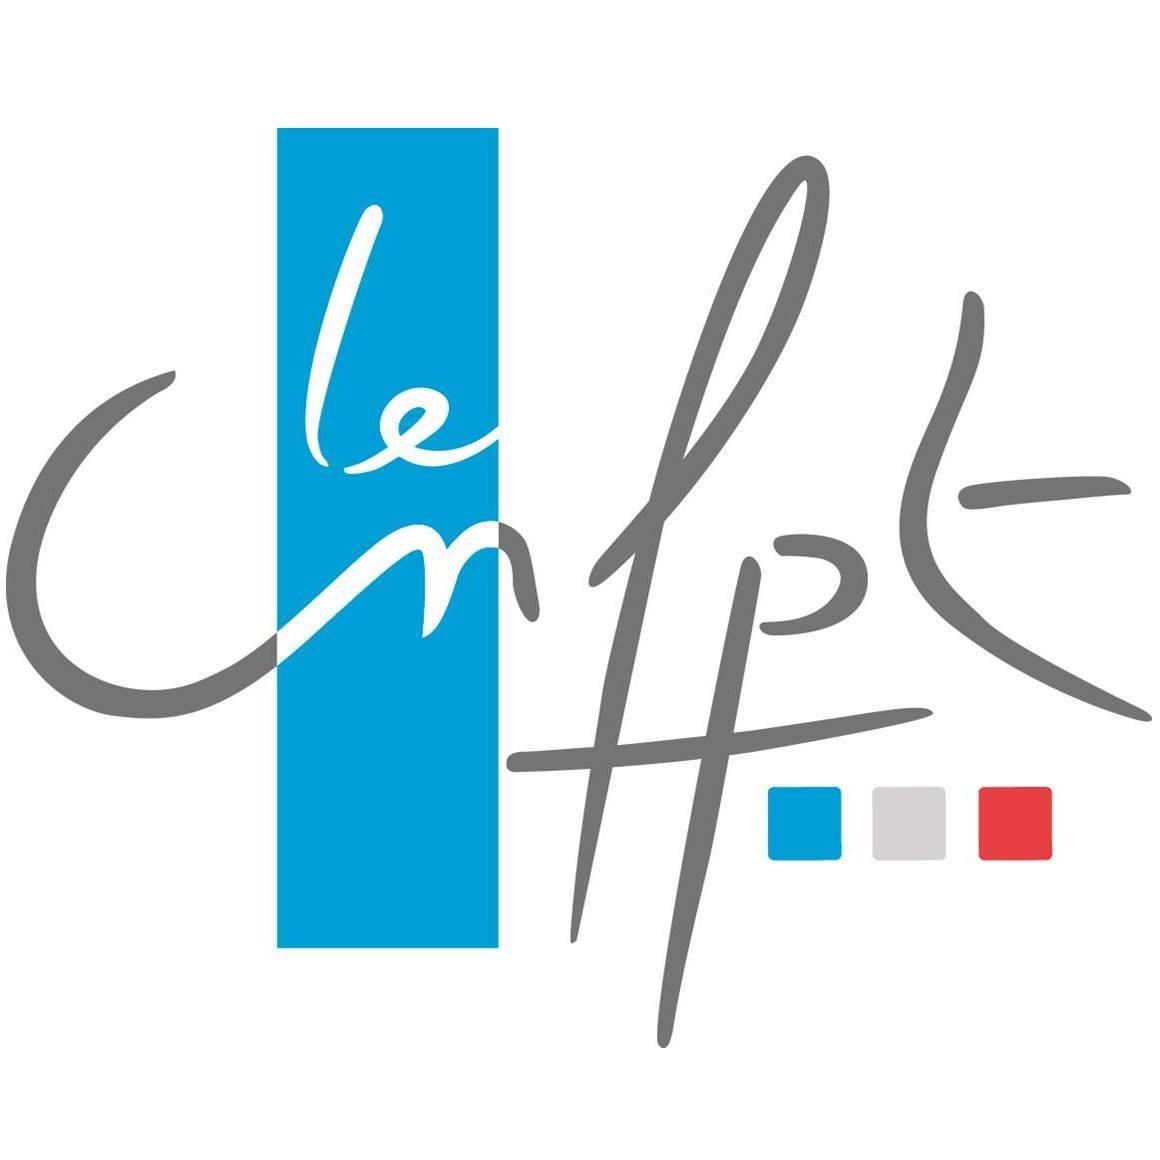 CNFPT Occitanie - Les musiques d'Afrique avec le festival Rio Loco